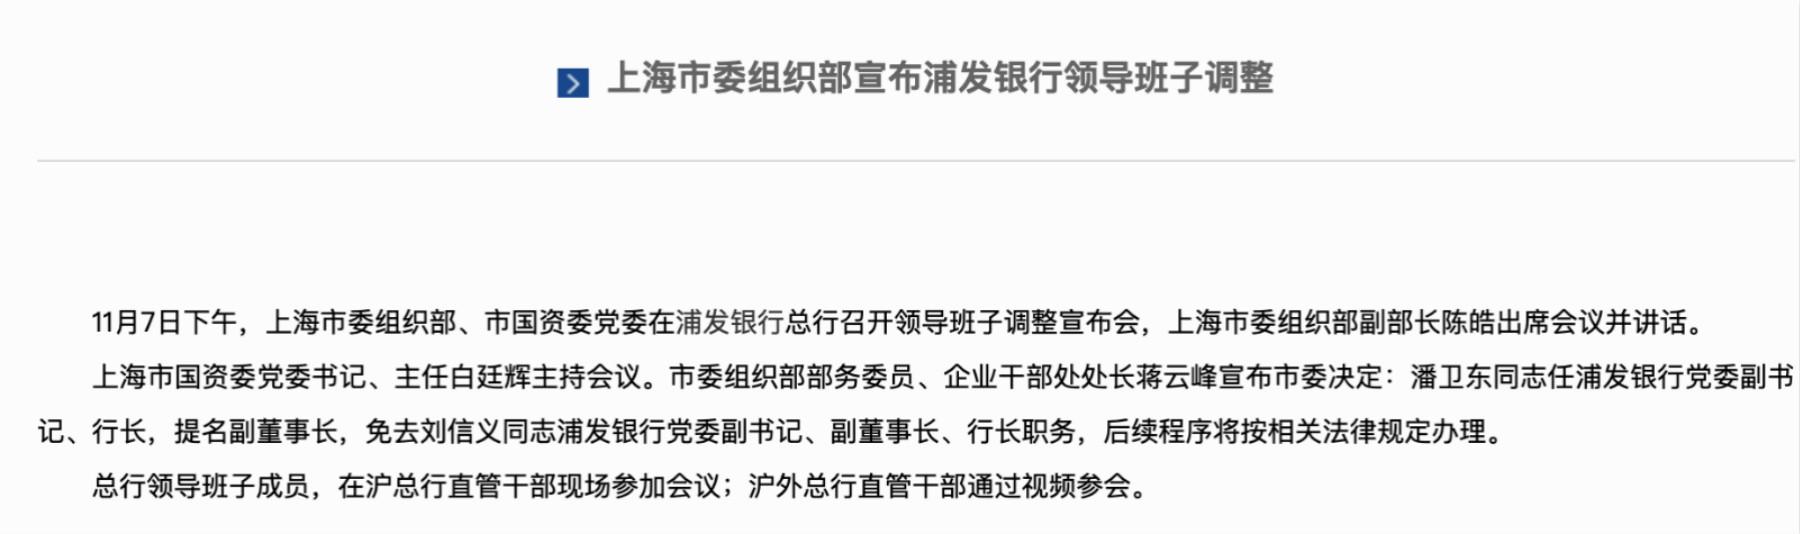 浦发银行高管变动:刘信义辞任行长,潘卫东拟接棒